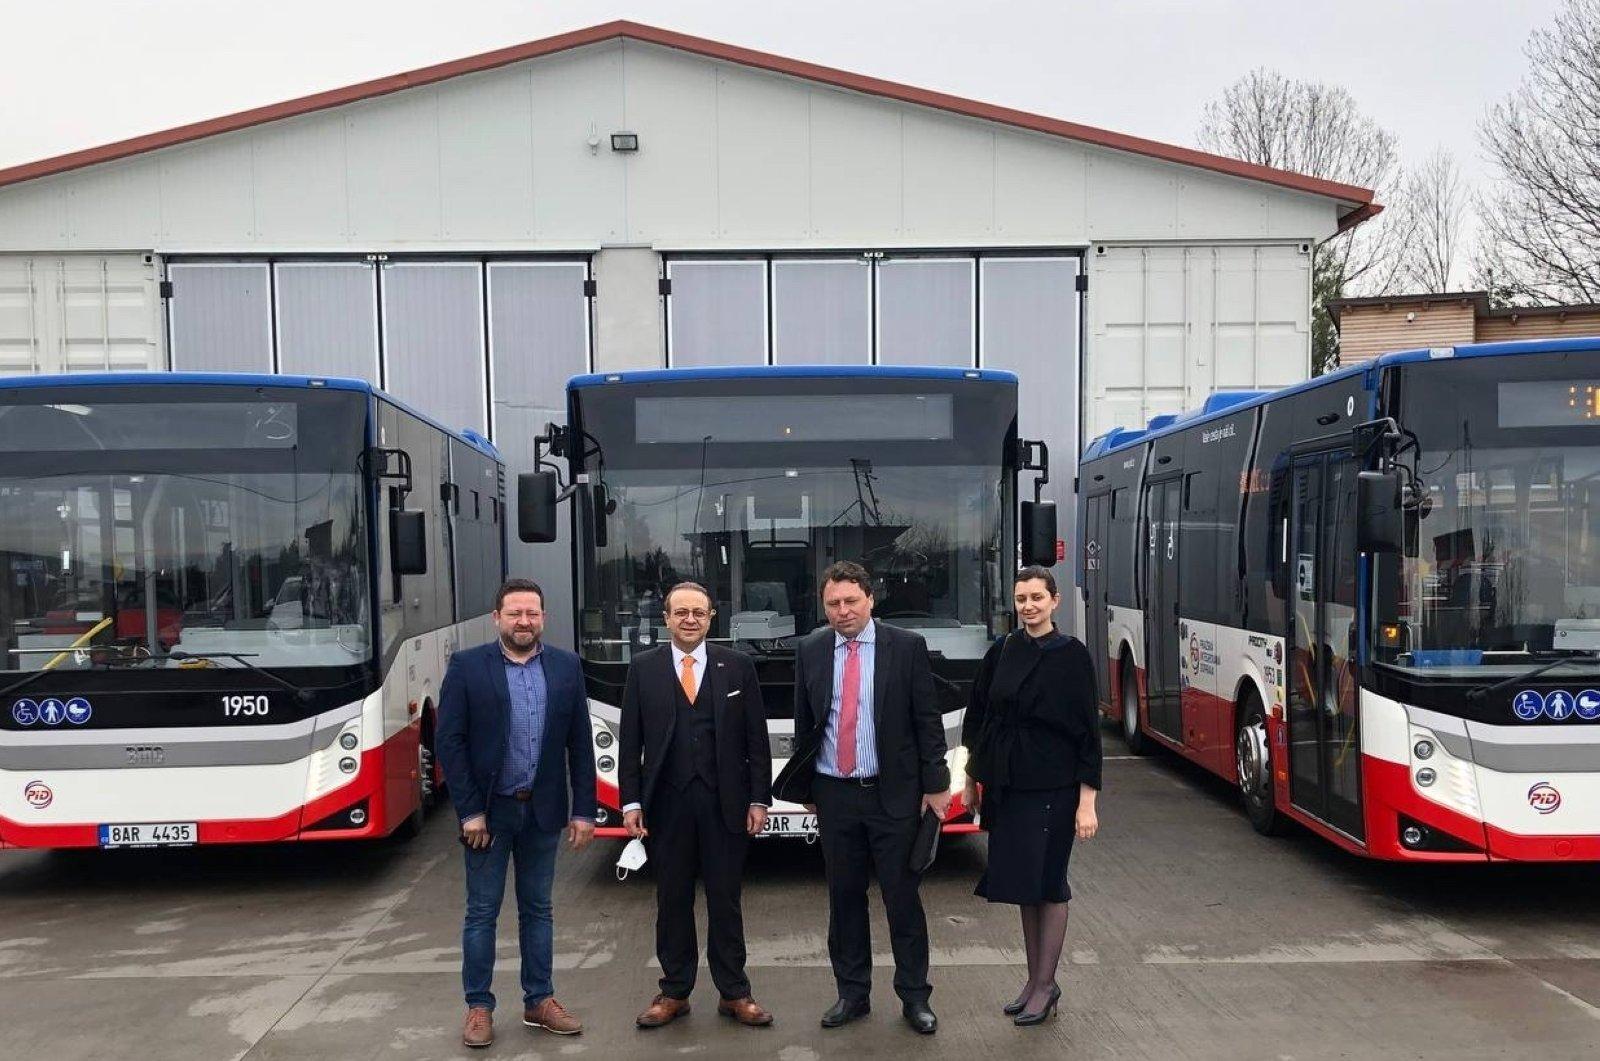 BMC otobüsleri Prag toplu taşıma filosuna katıldı